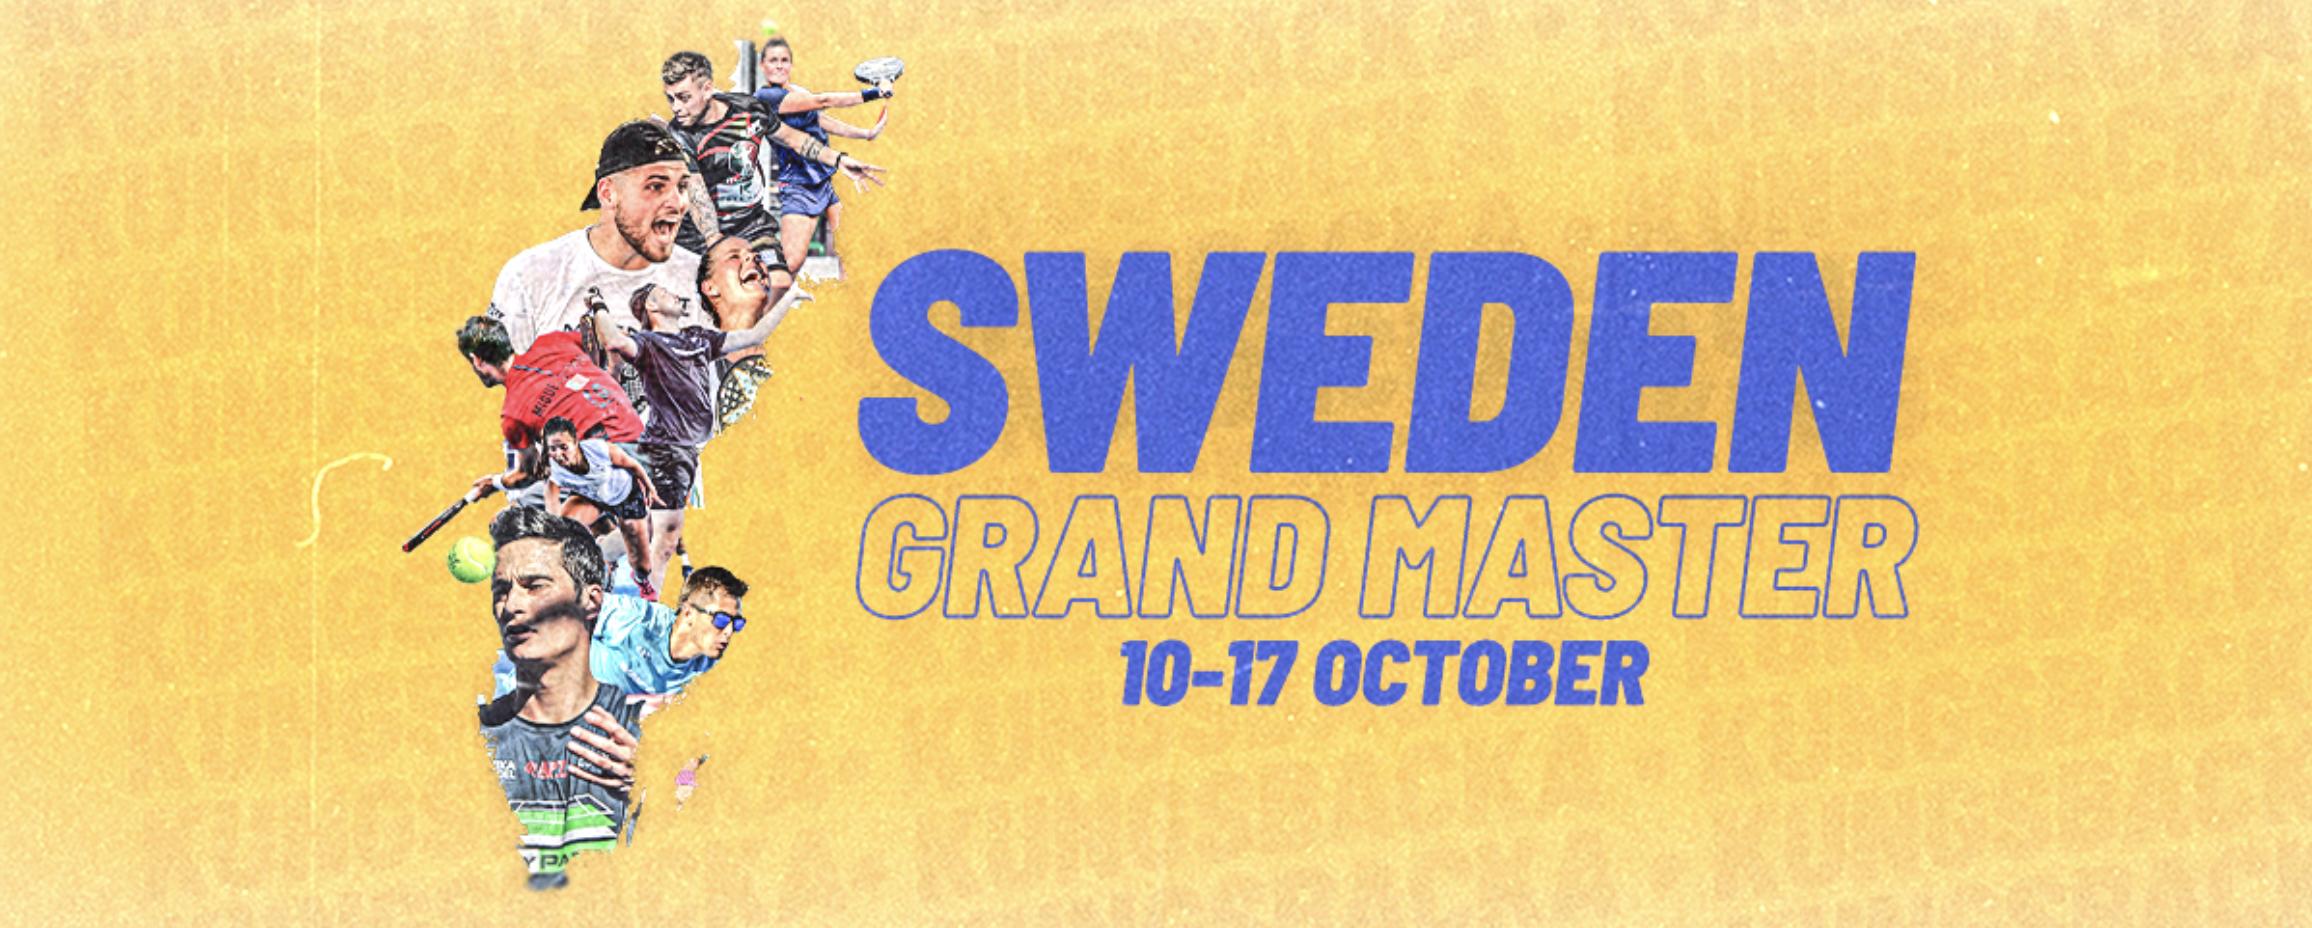 Bannière Suède APT Padel Tour Grand Master Sweden 2021 Padel